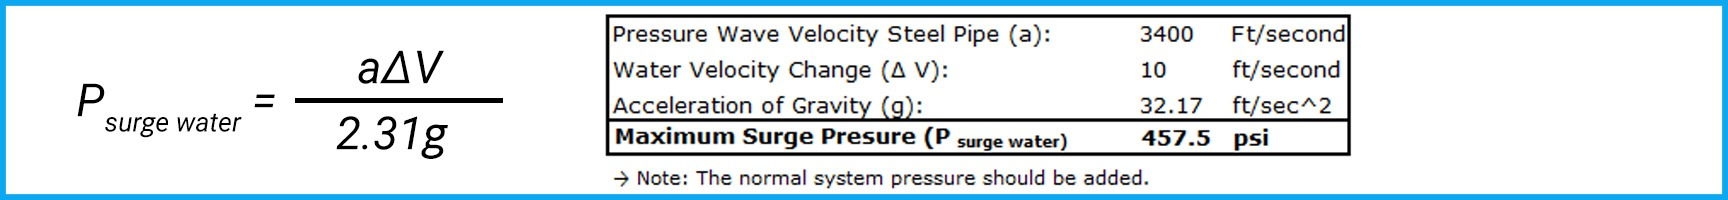 Maximum Surge Pressure